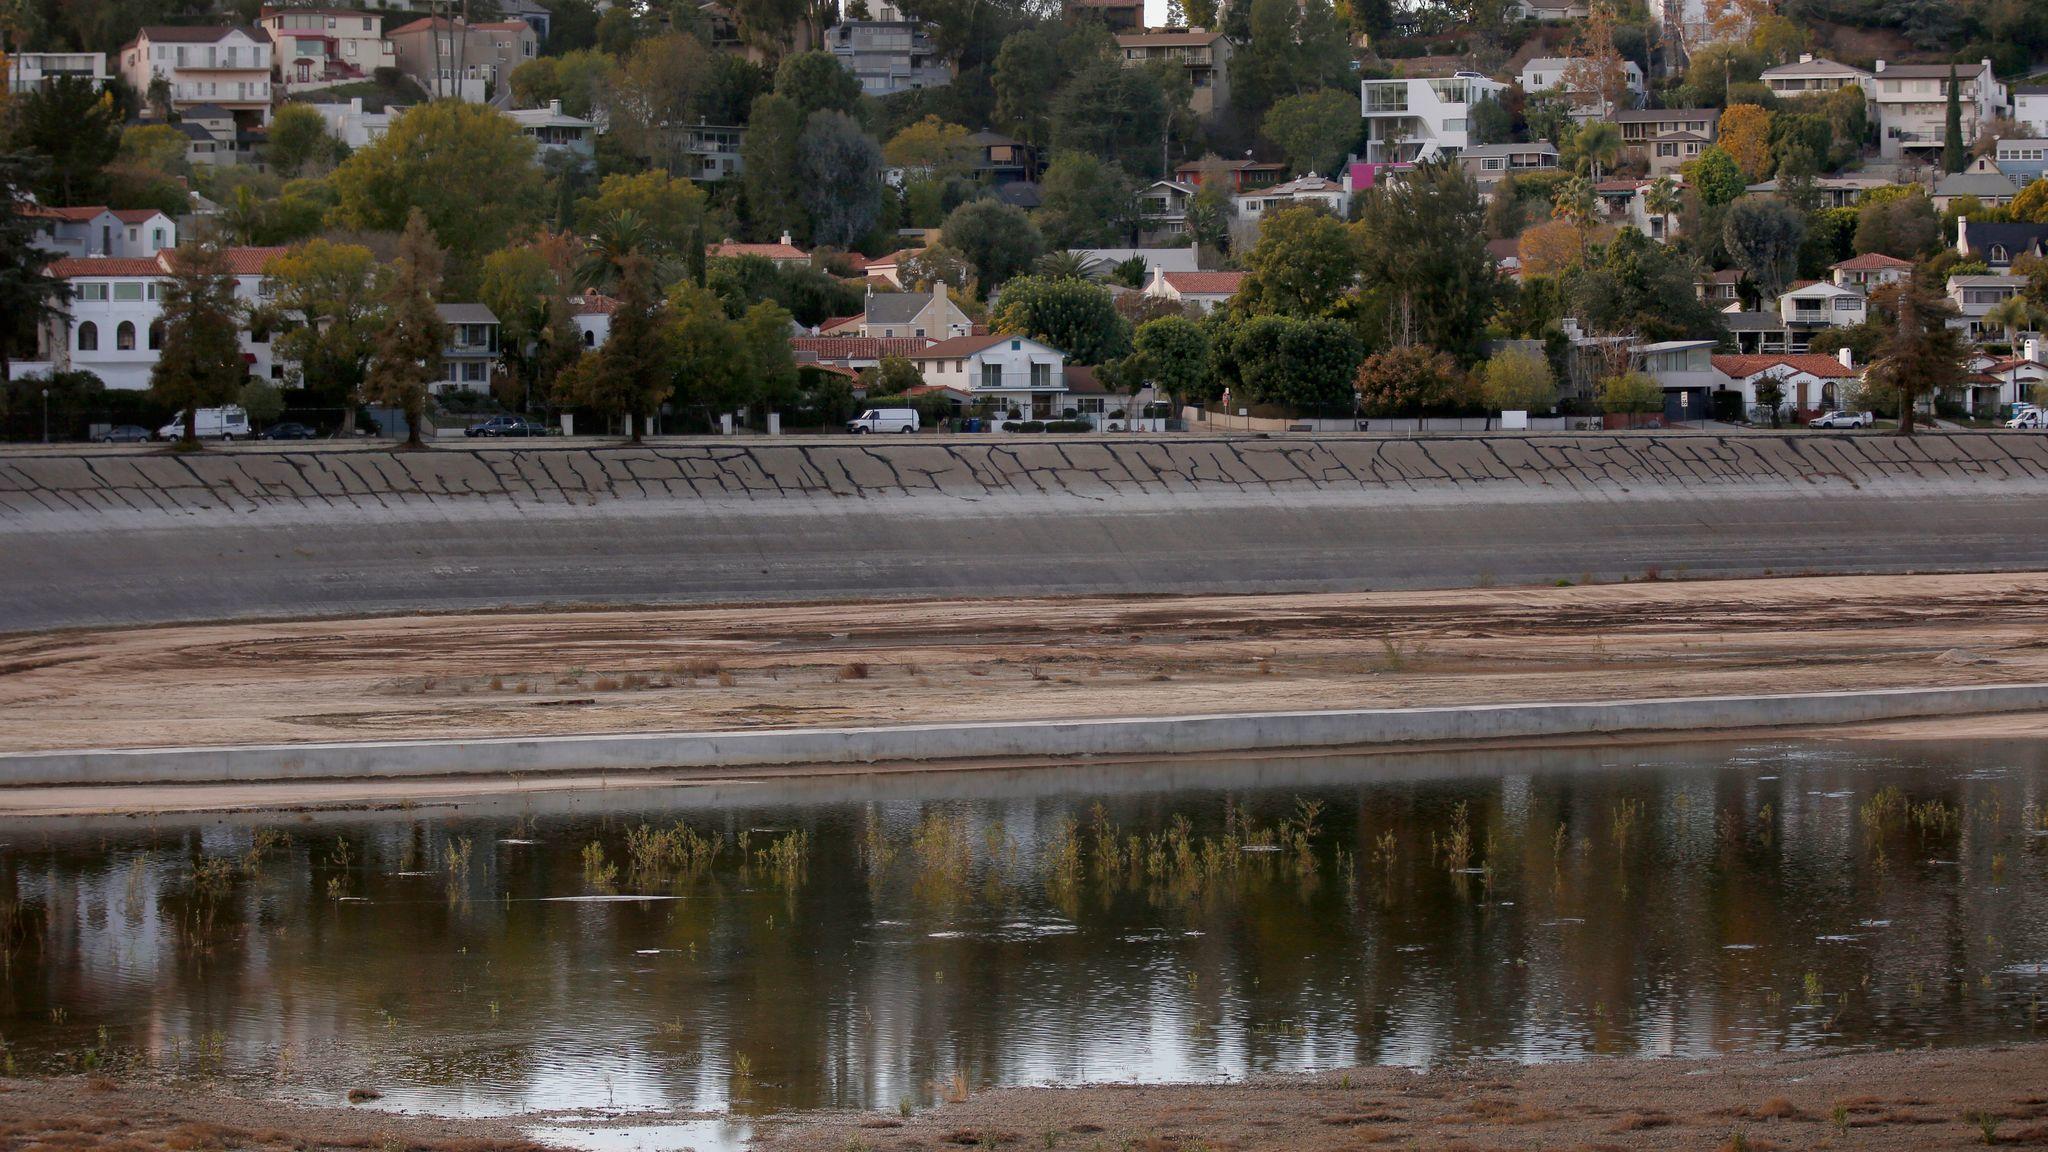 T L A S Silver Lake Dog Park